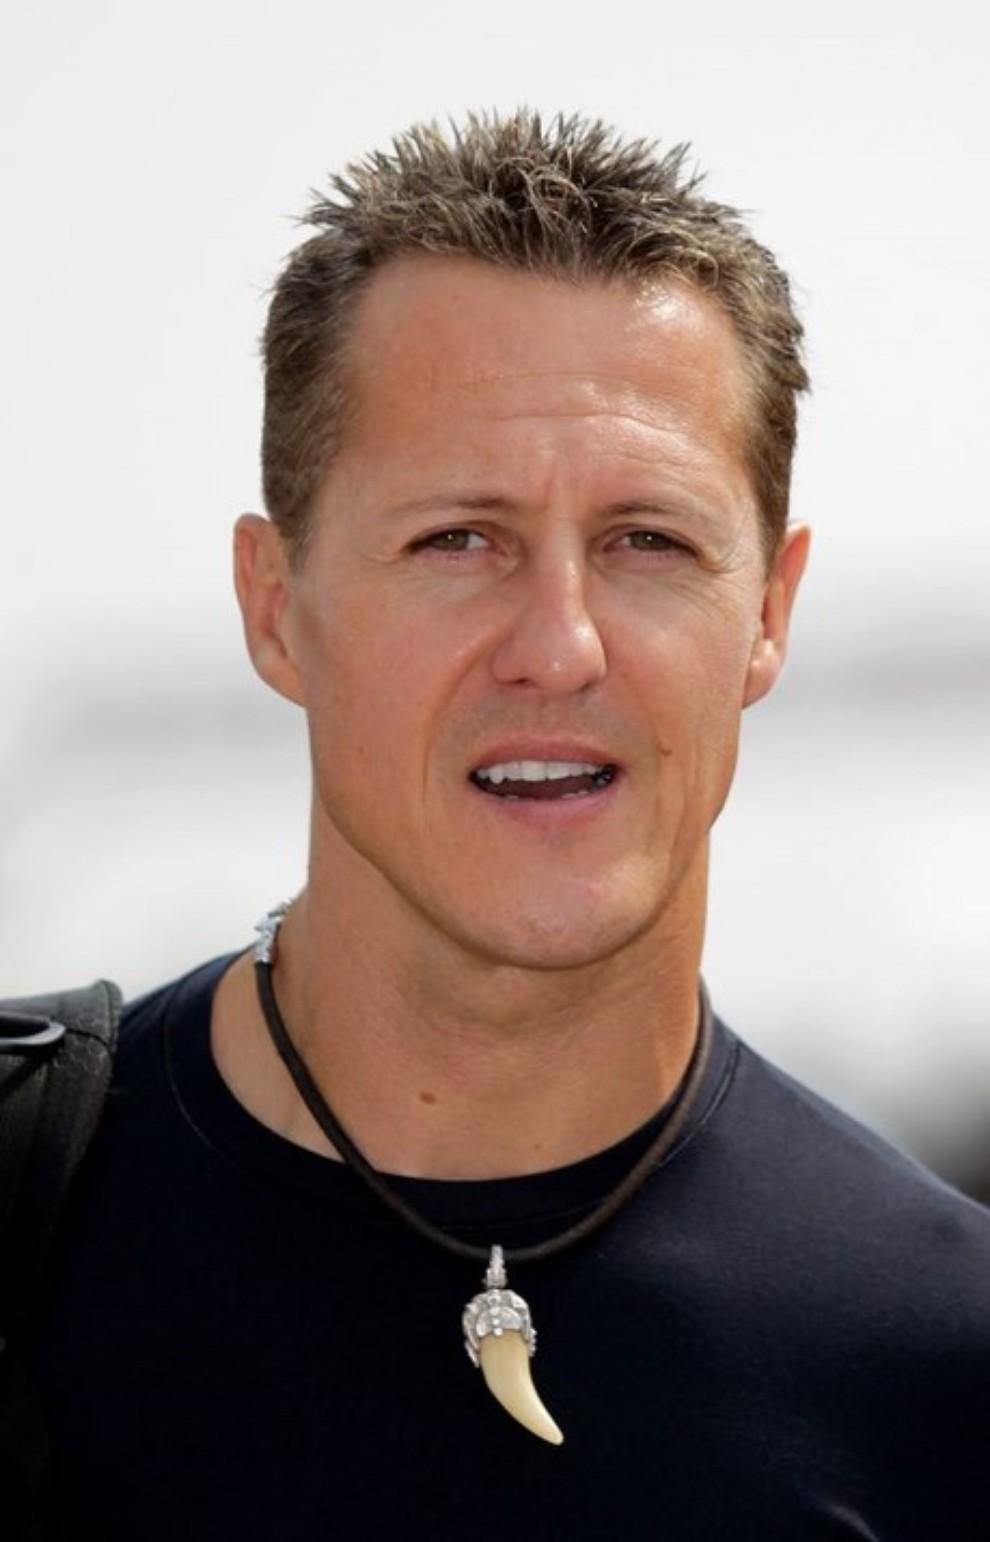 Michael Schumacher, le immagini più belle del campione tedesco di F1 - Foto 10 di 37